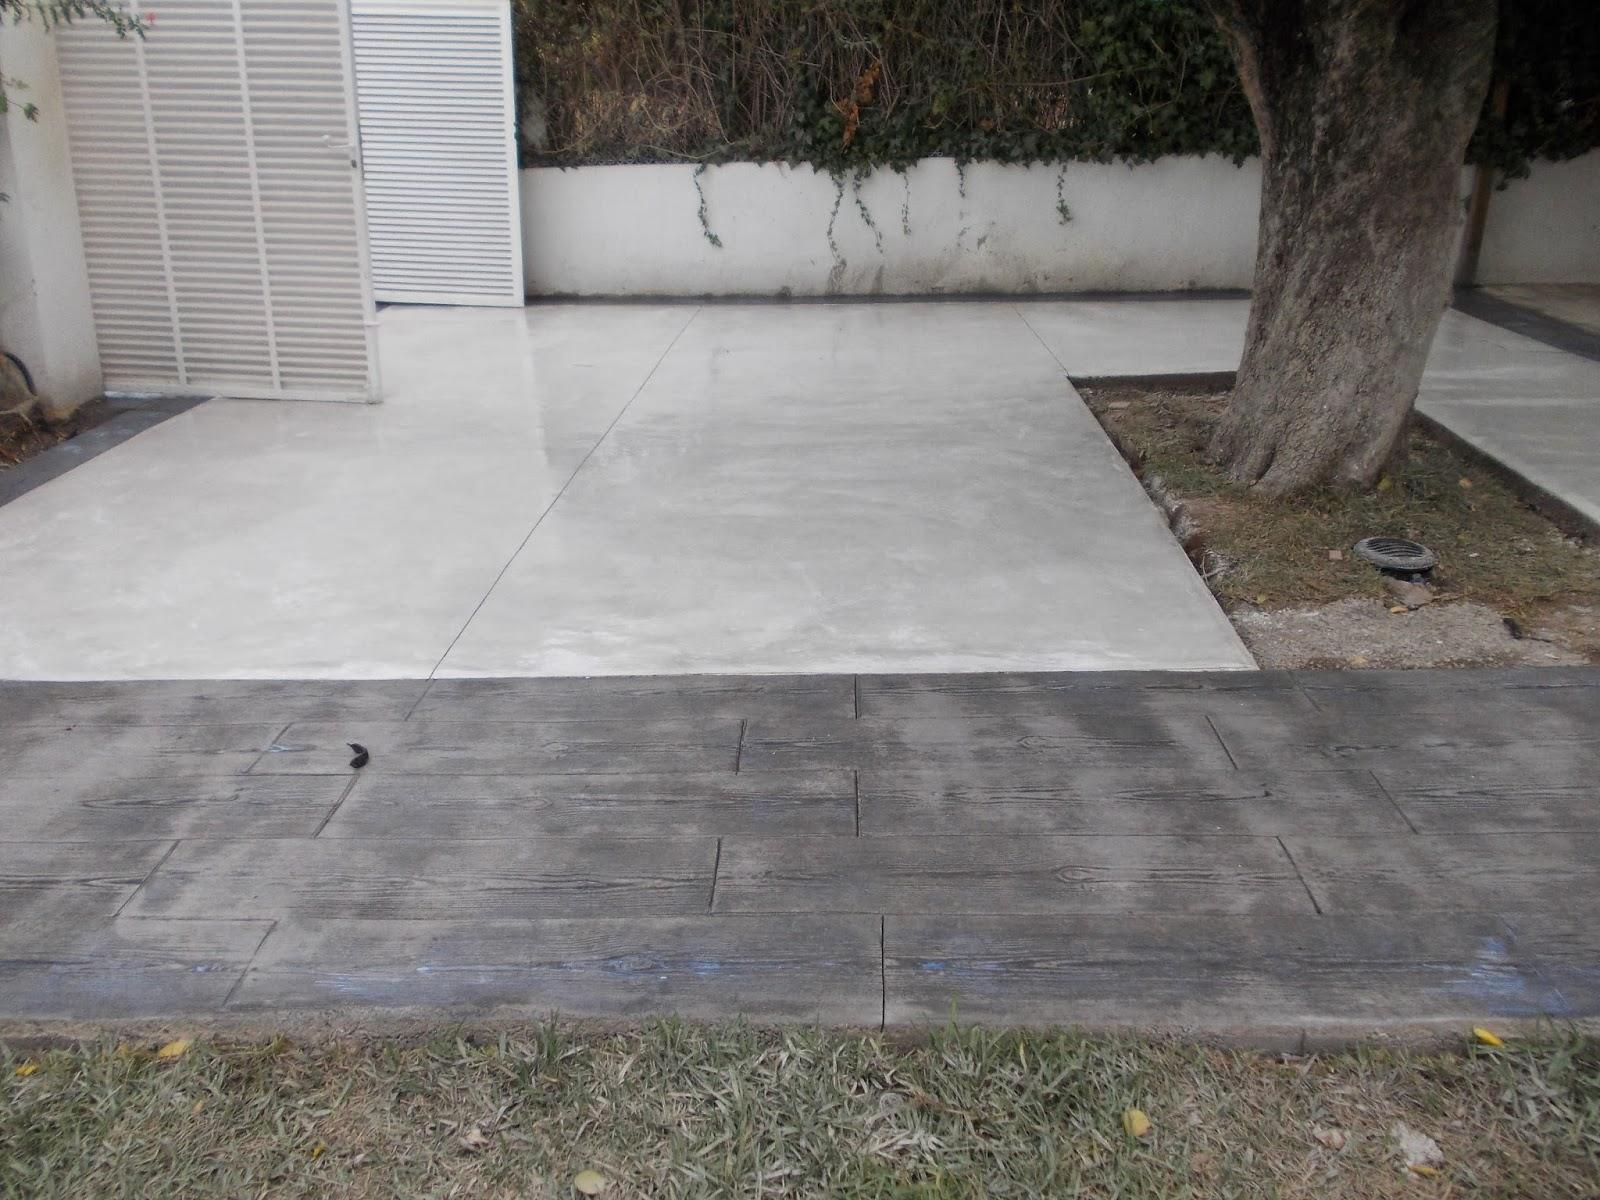 Pavimento continuo de hormig n en blanco con hormig n - Hormigon decorativo para suelos ...